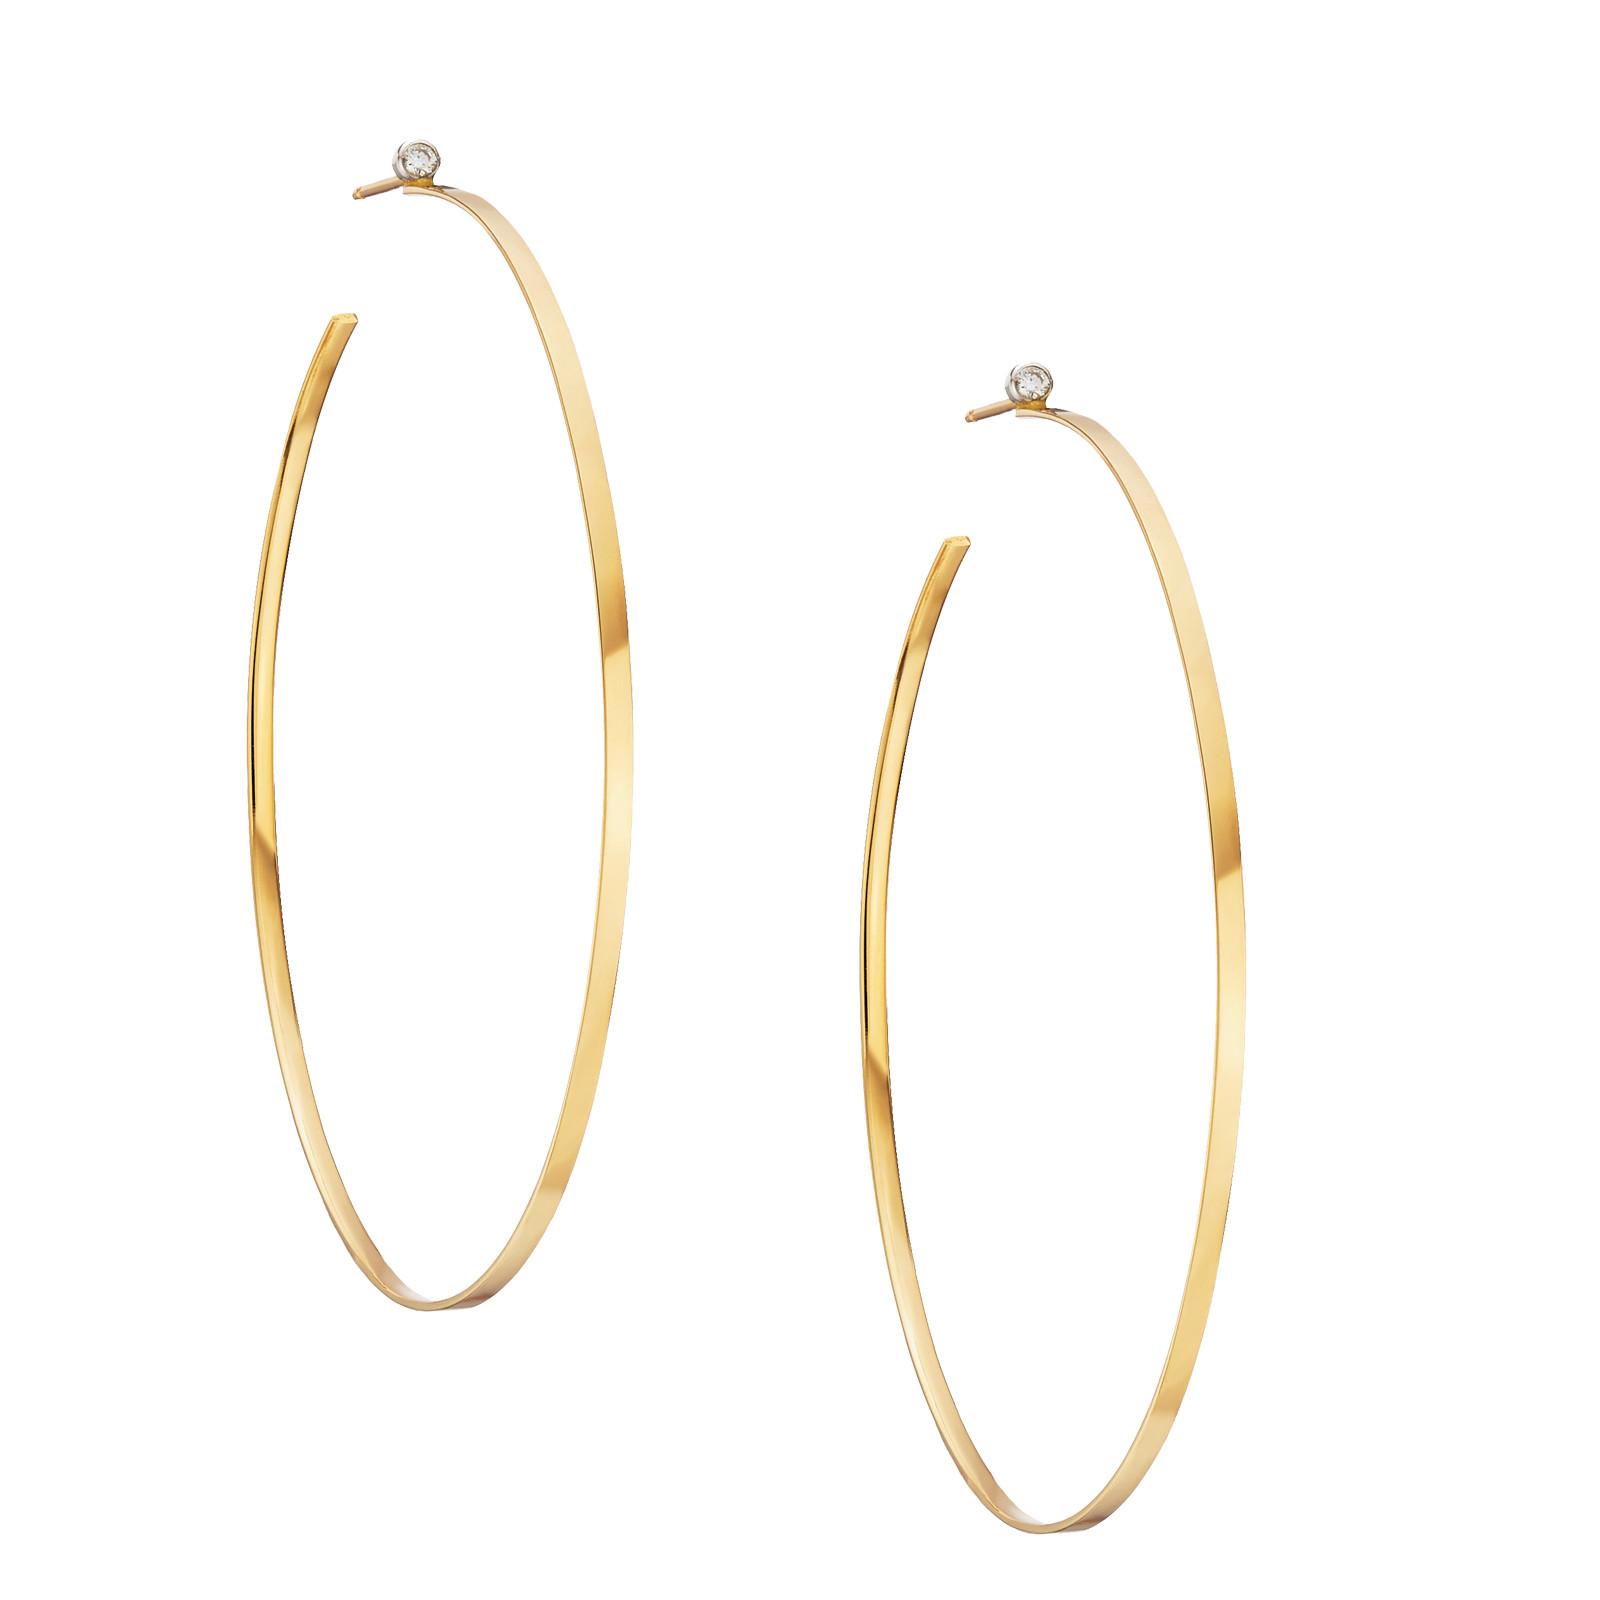 Lana Jewelry Lana Hoop Earrings